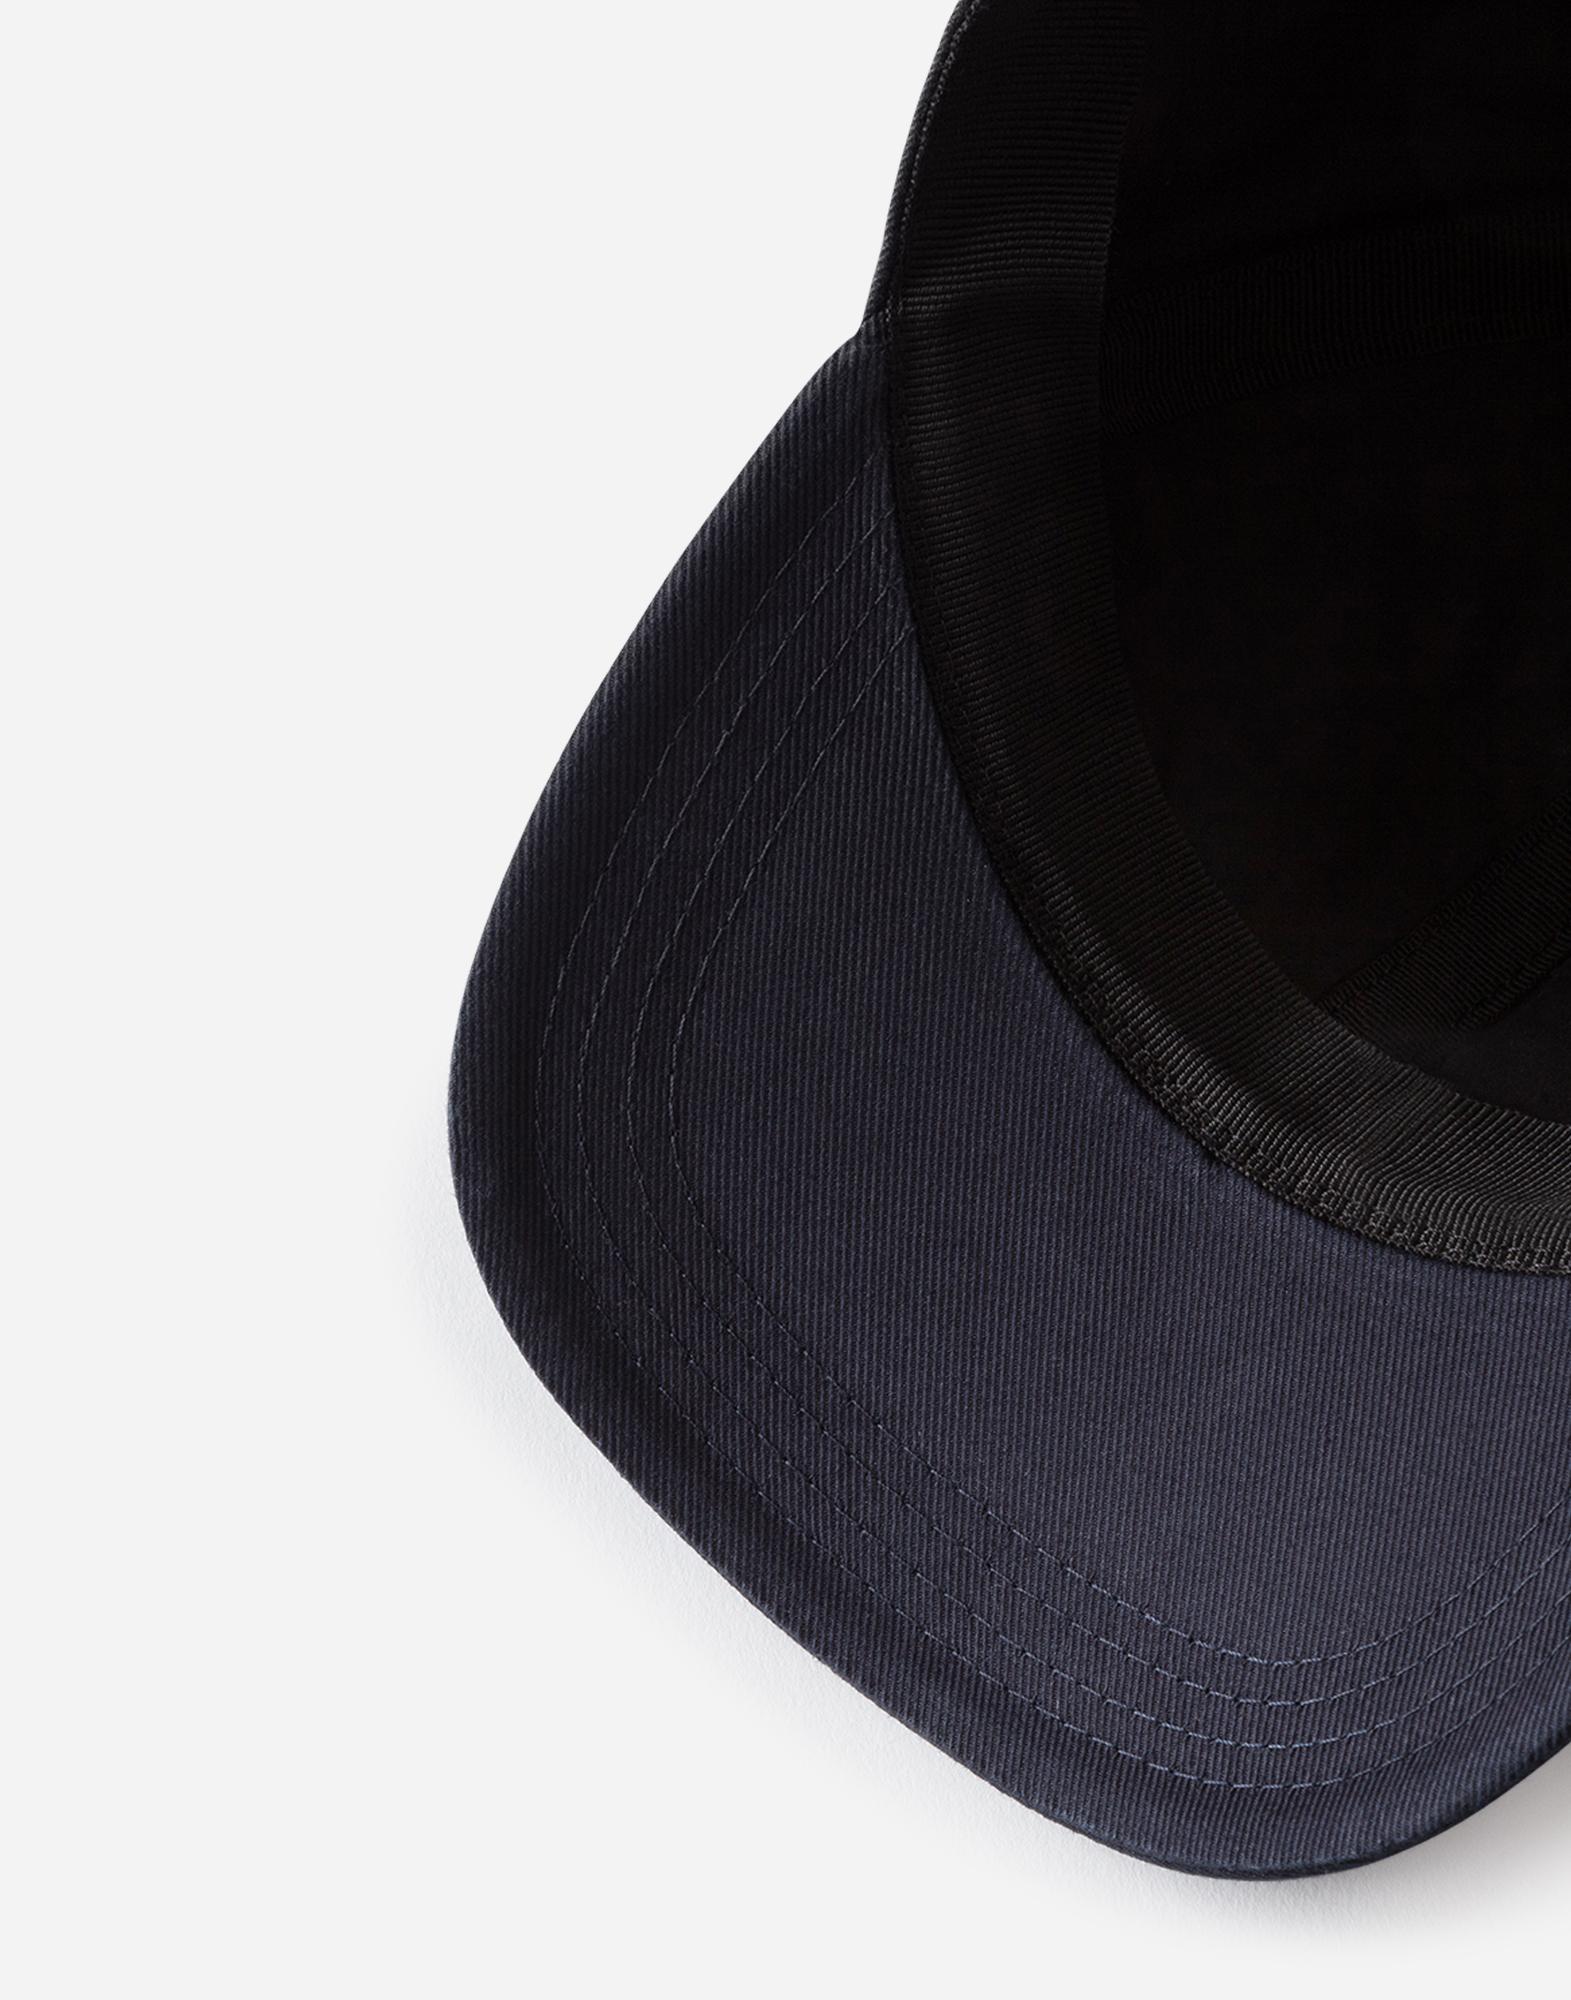 Dolce&Gabbana BASEBALL CAP IN PRINTED STRETCH COTTON